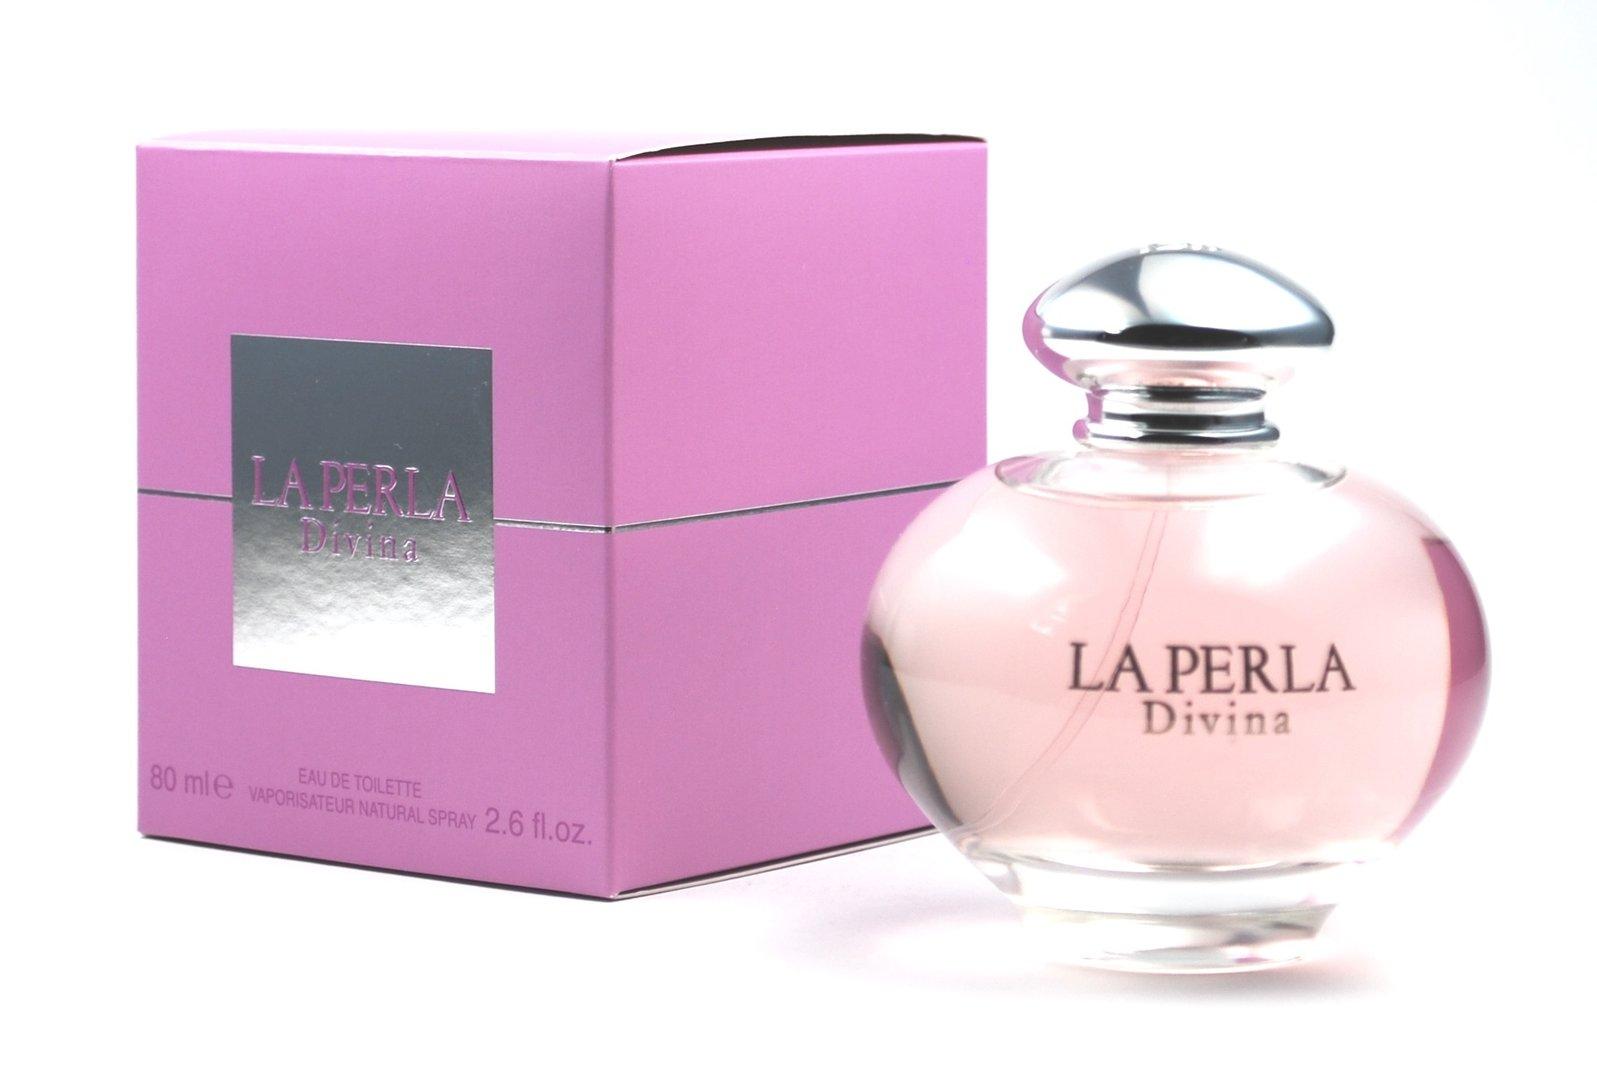 La Perla Divina, Toaletní voda, 80ml, Dámska vôňa